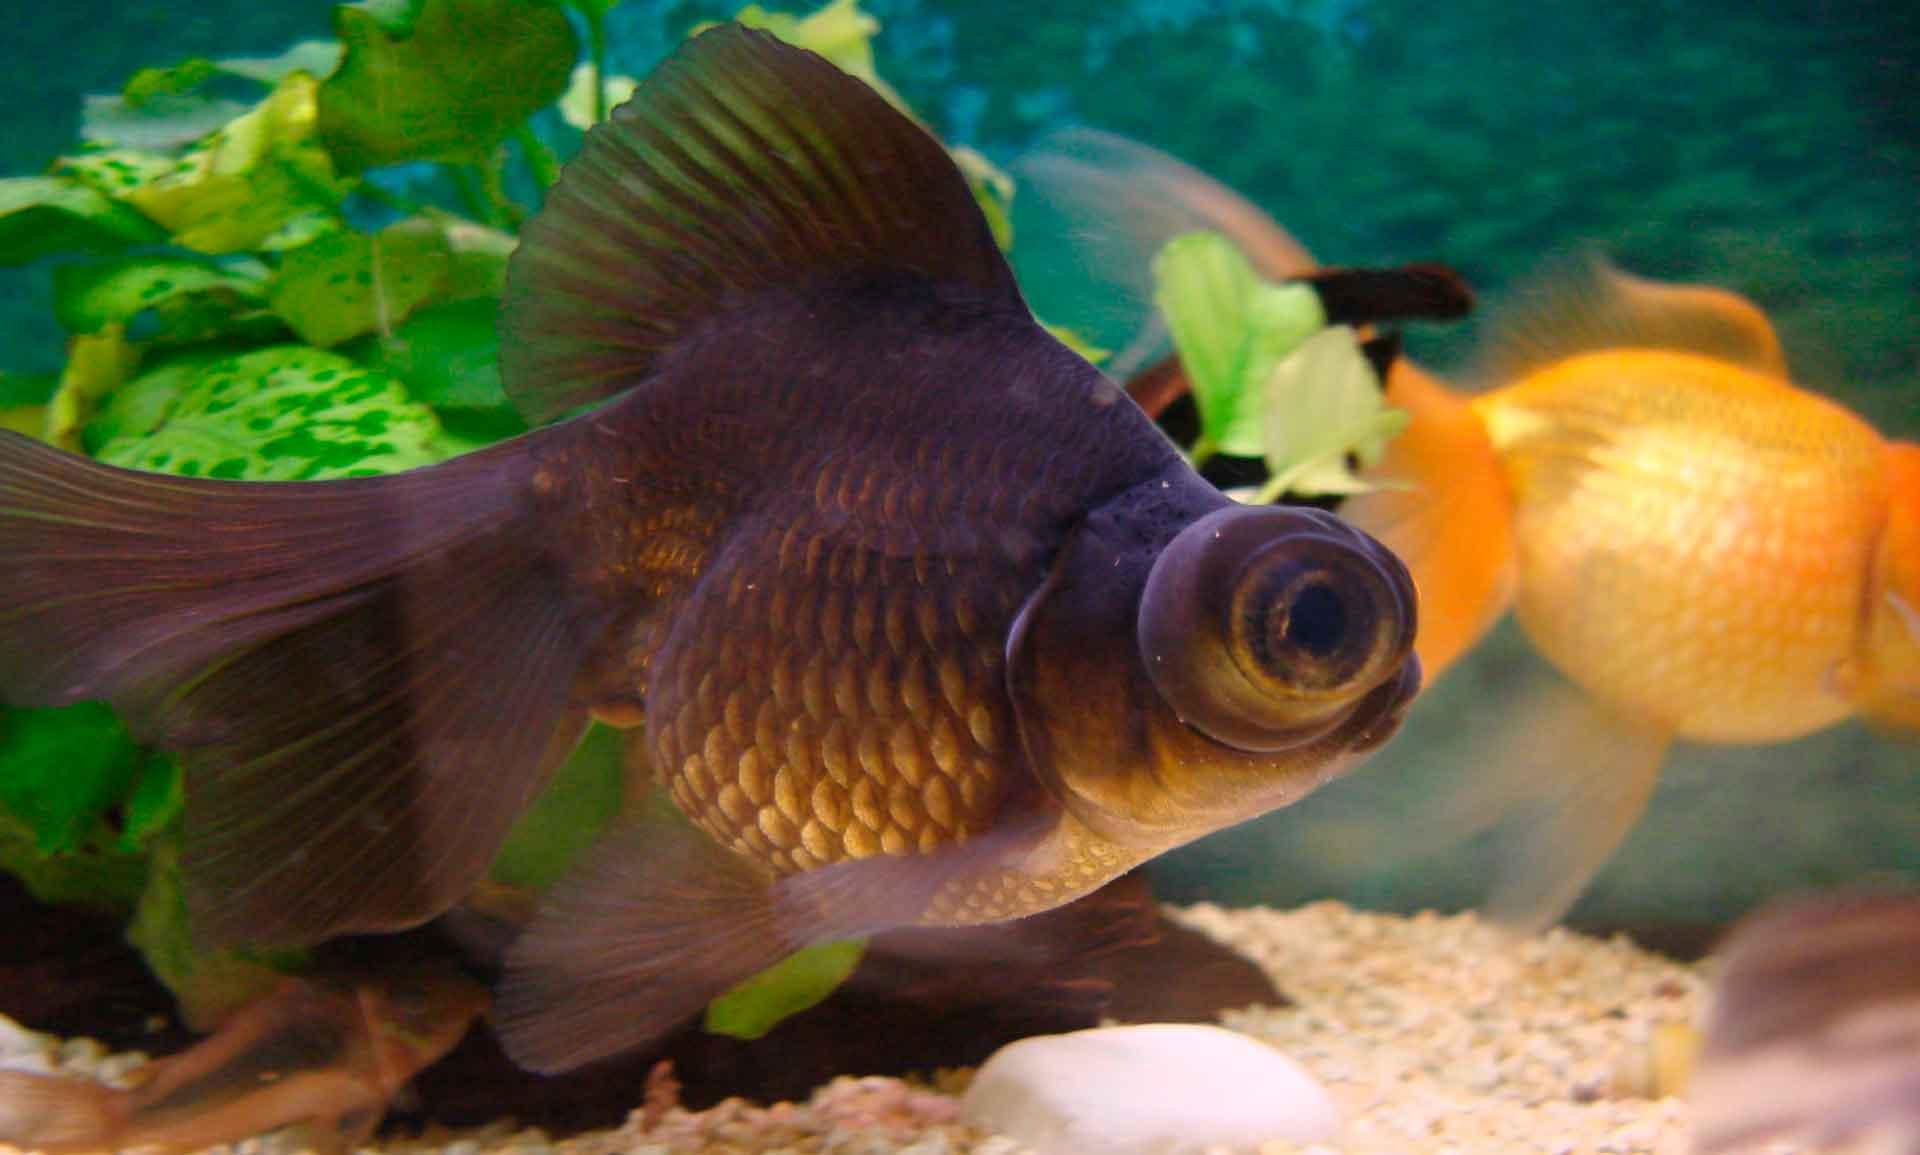 Рыбка телескоп - какое отношение имеет к золотой рыбке, уход и содержание, с кем уживается в аквариуме